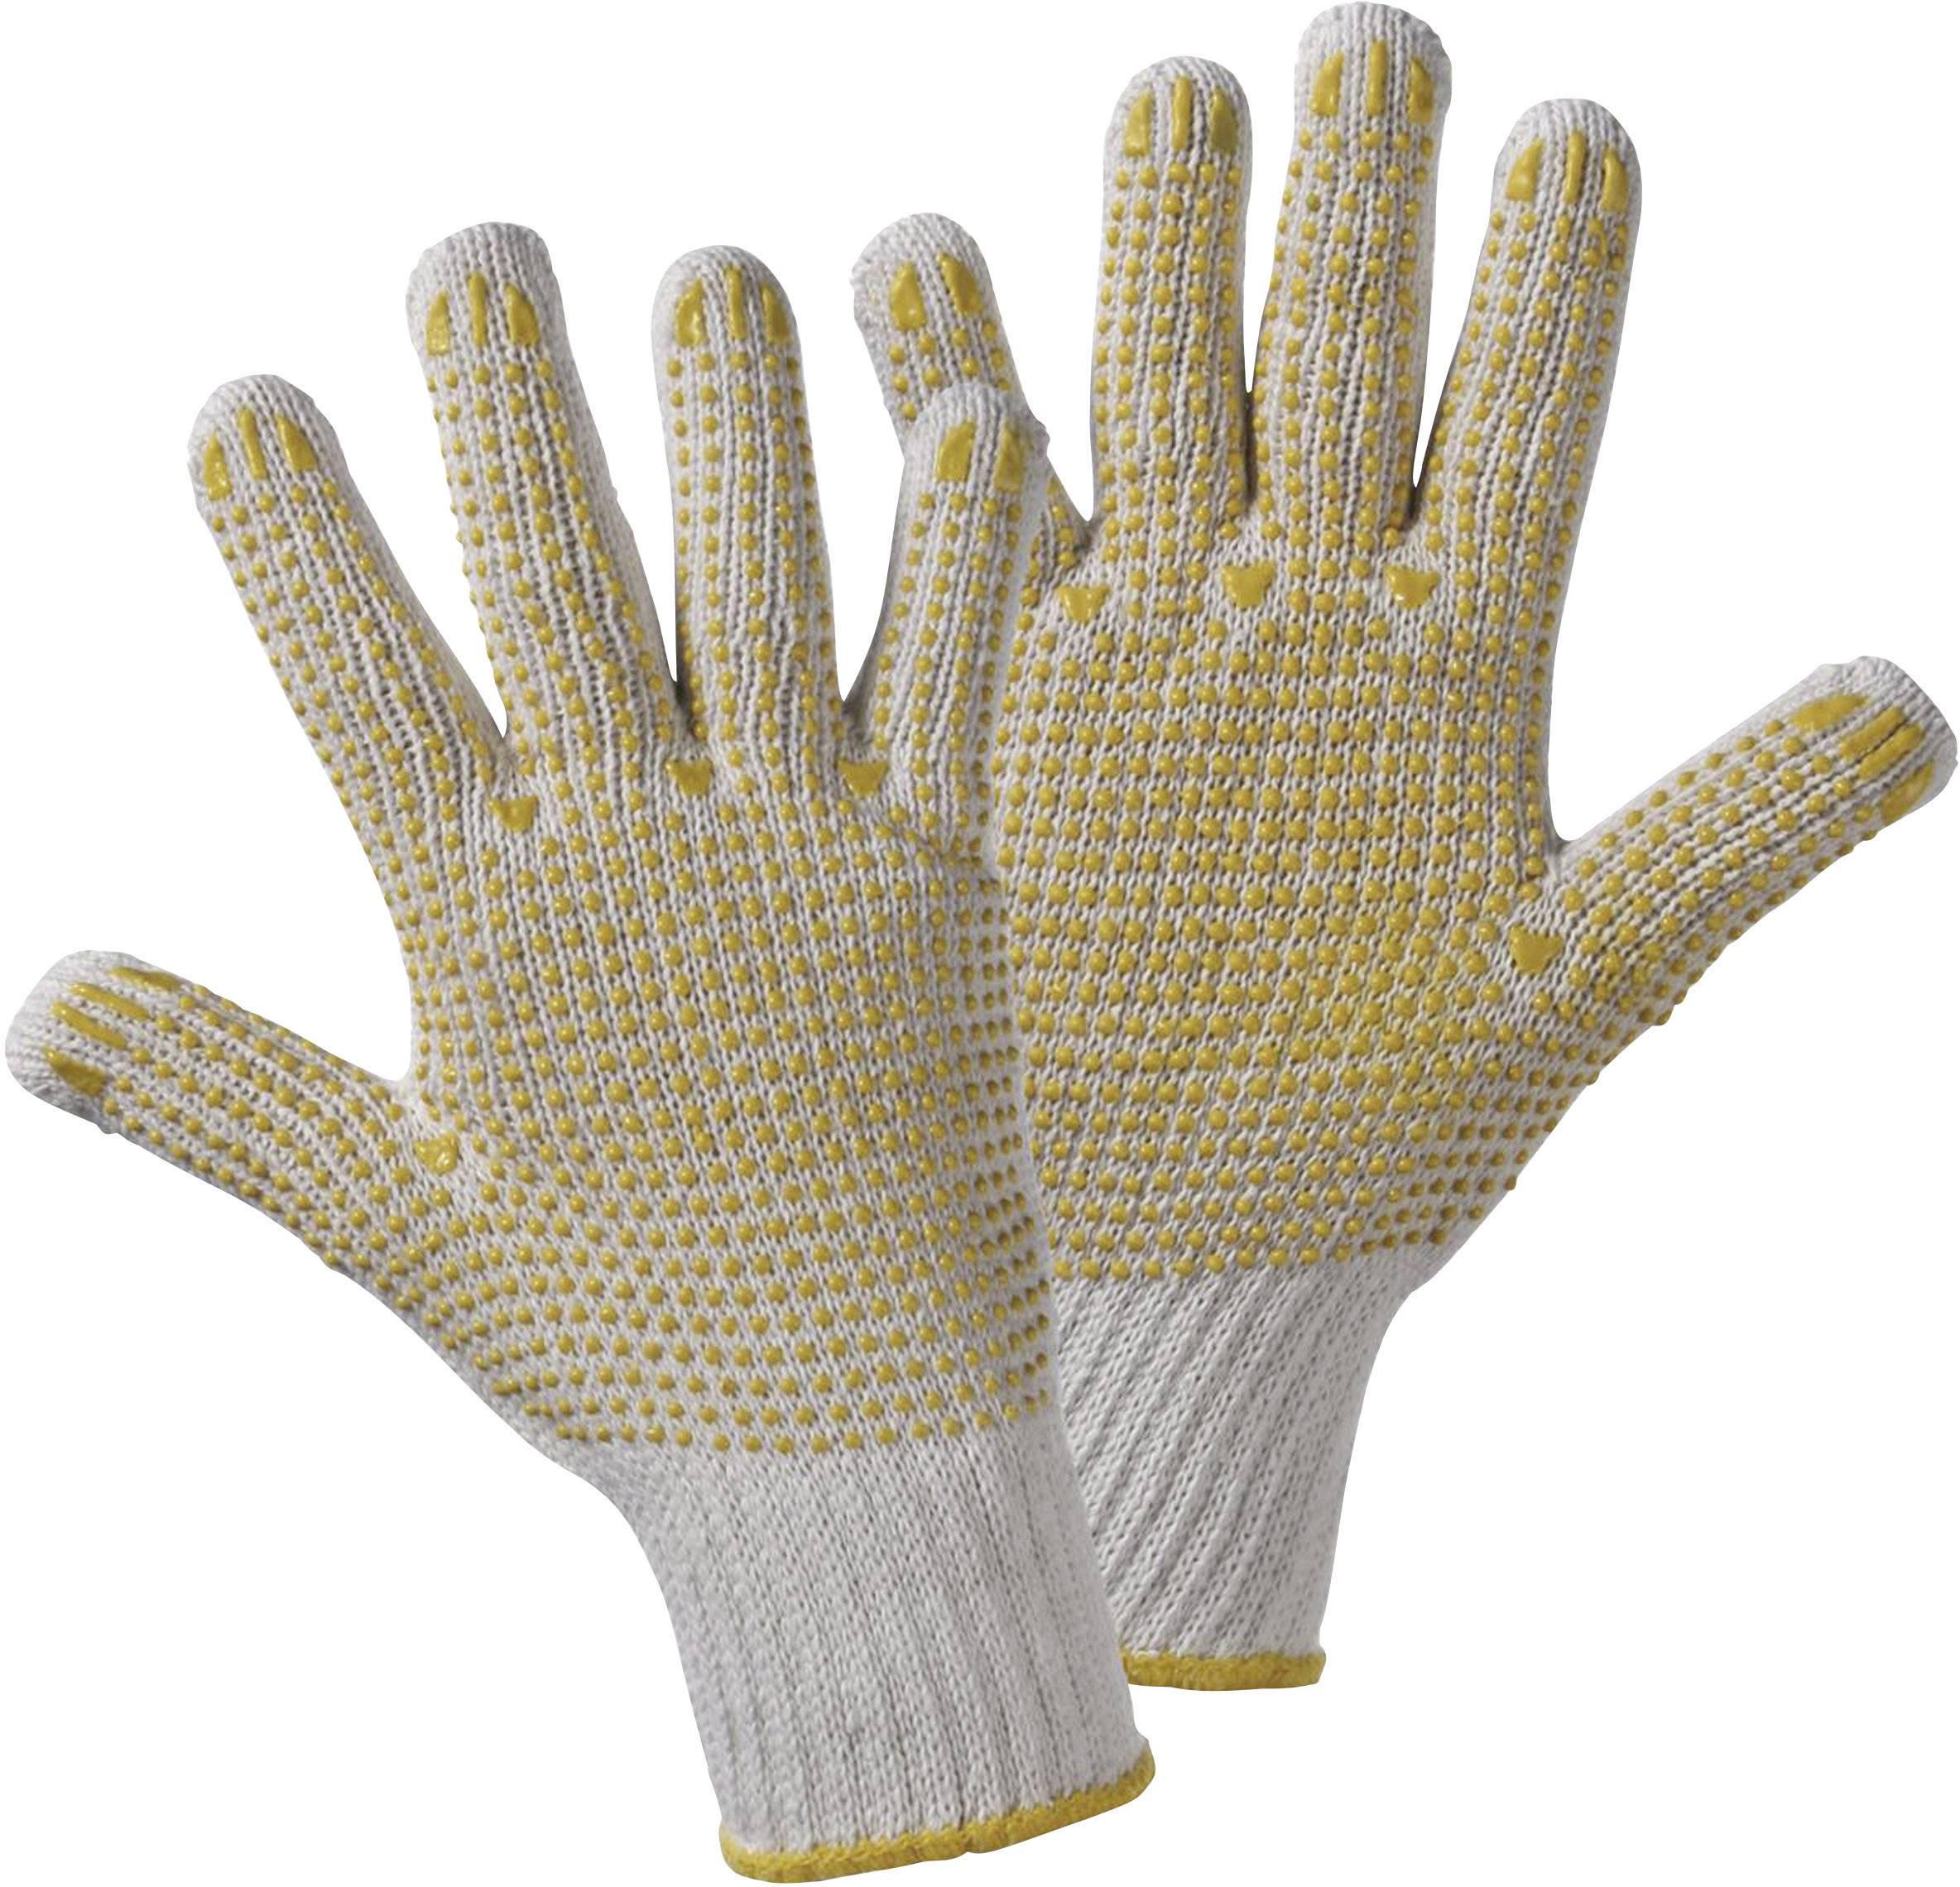 Pracovné rukavice Upixx Twice 1132, velikost rukavic: 8, M